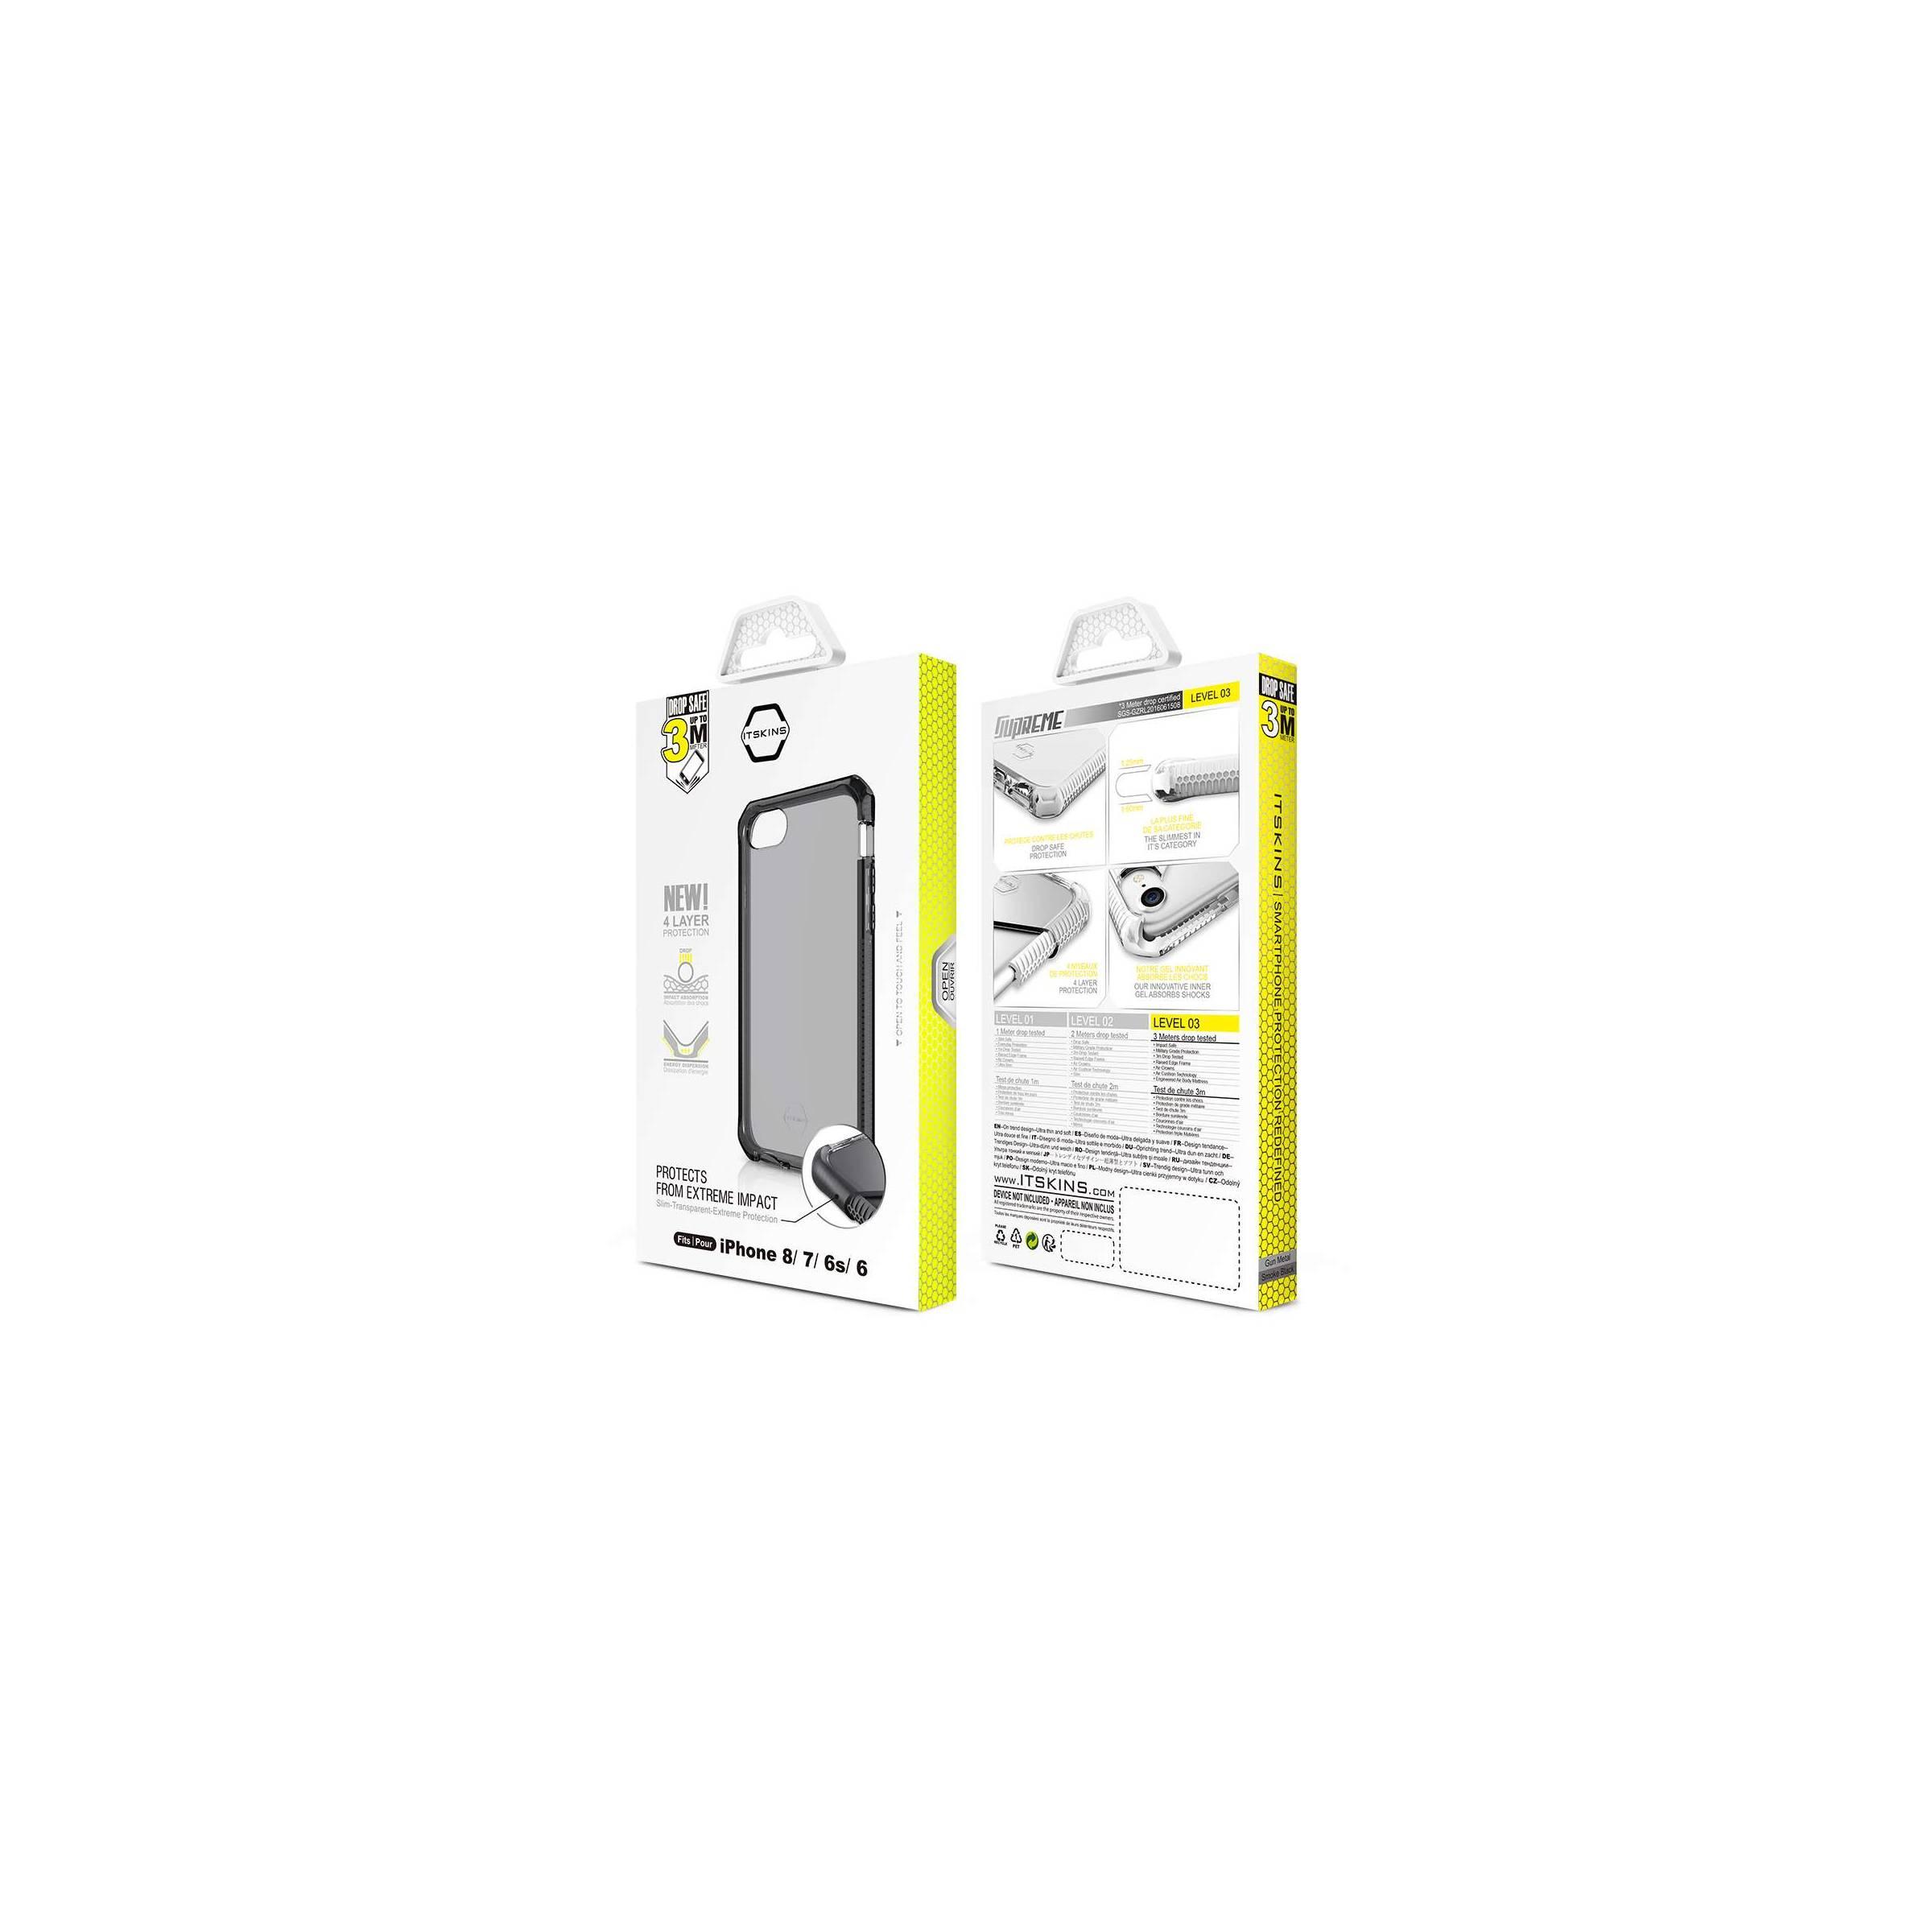 Itskins supreme clear protect cover iphone 6, 6s, 7 & 8 farve grå fra itskins fra mackabler.dk